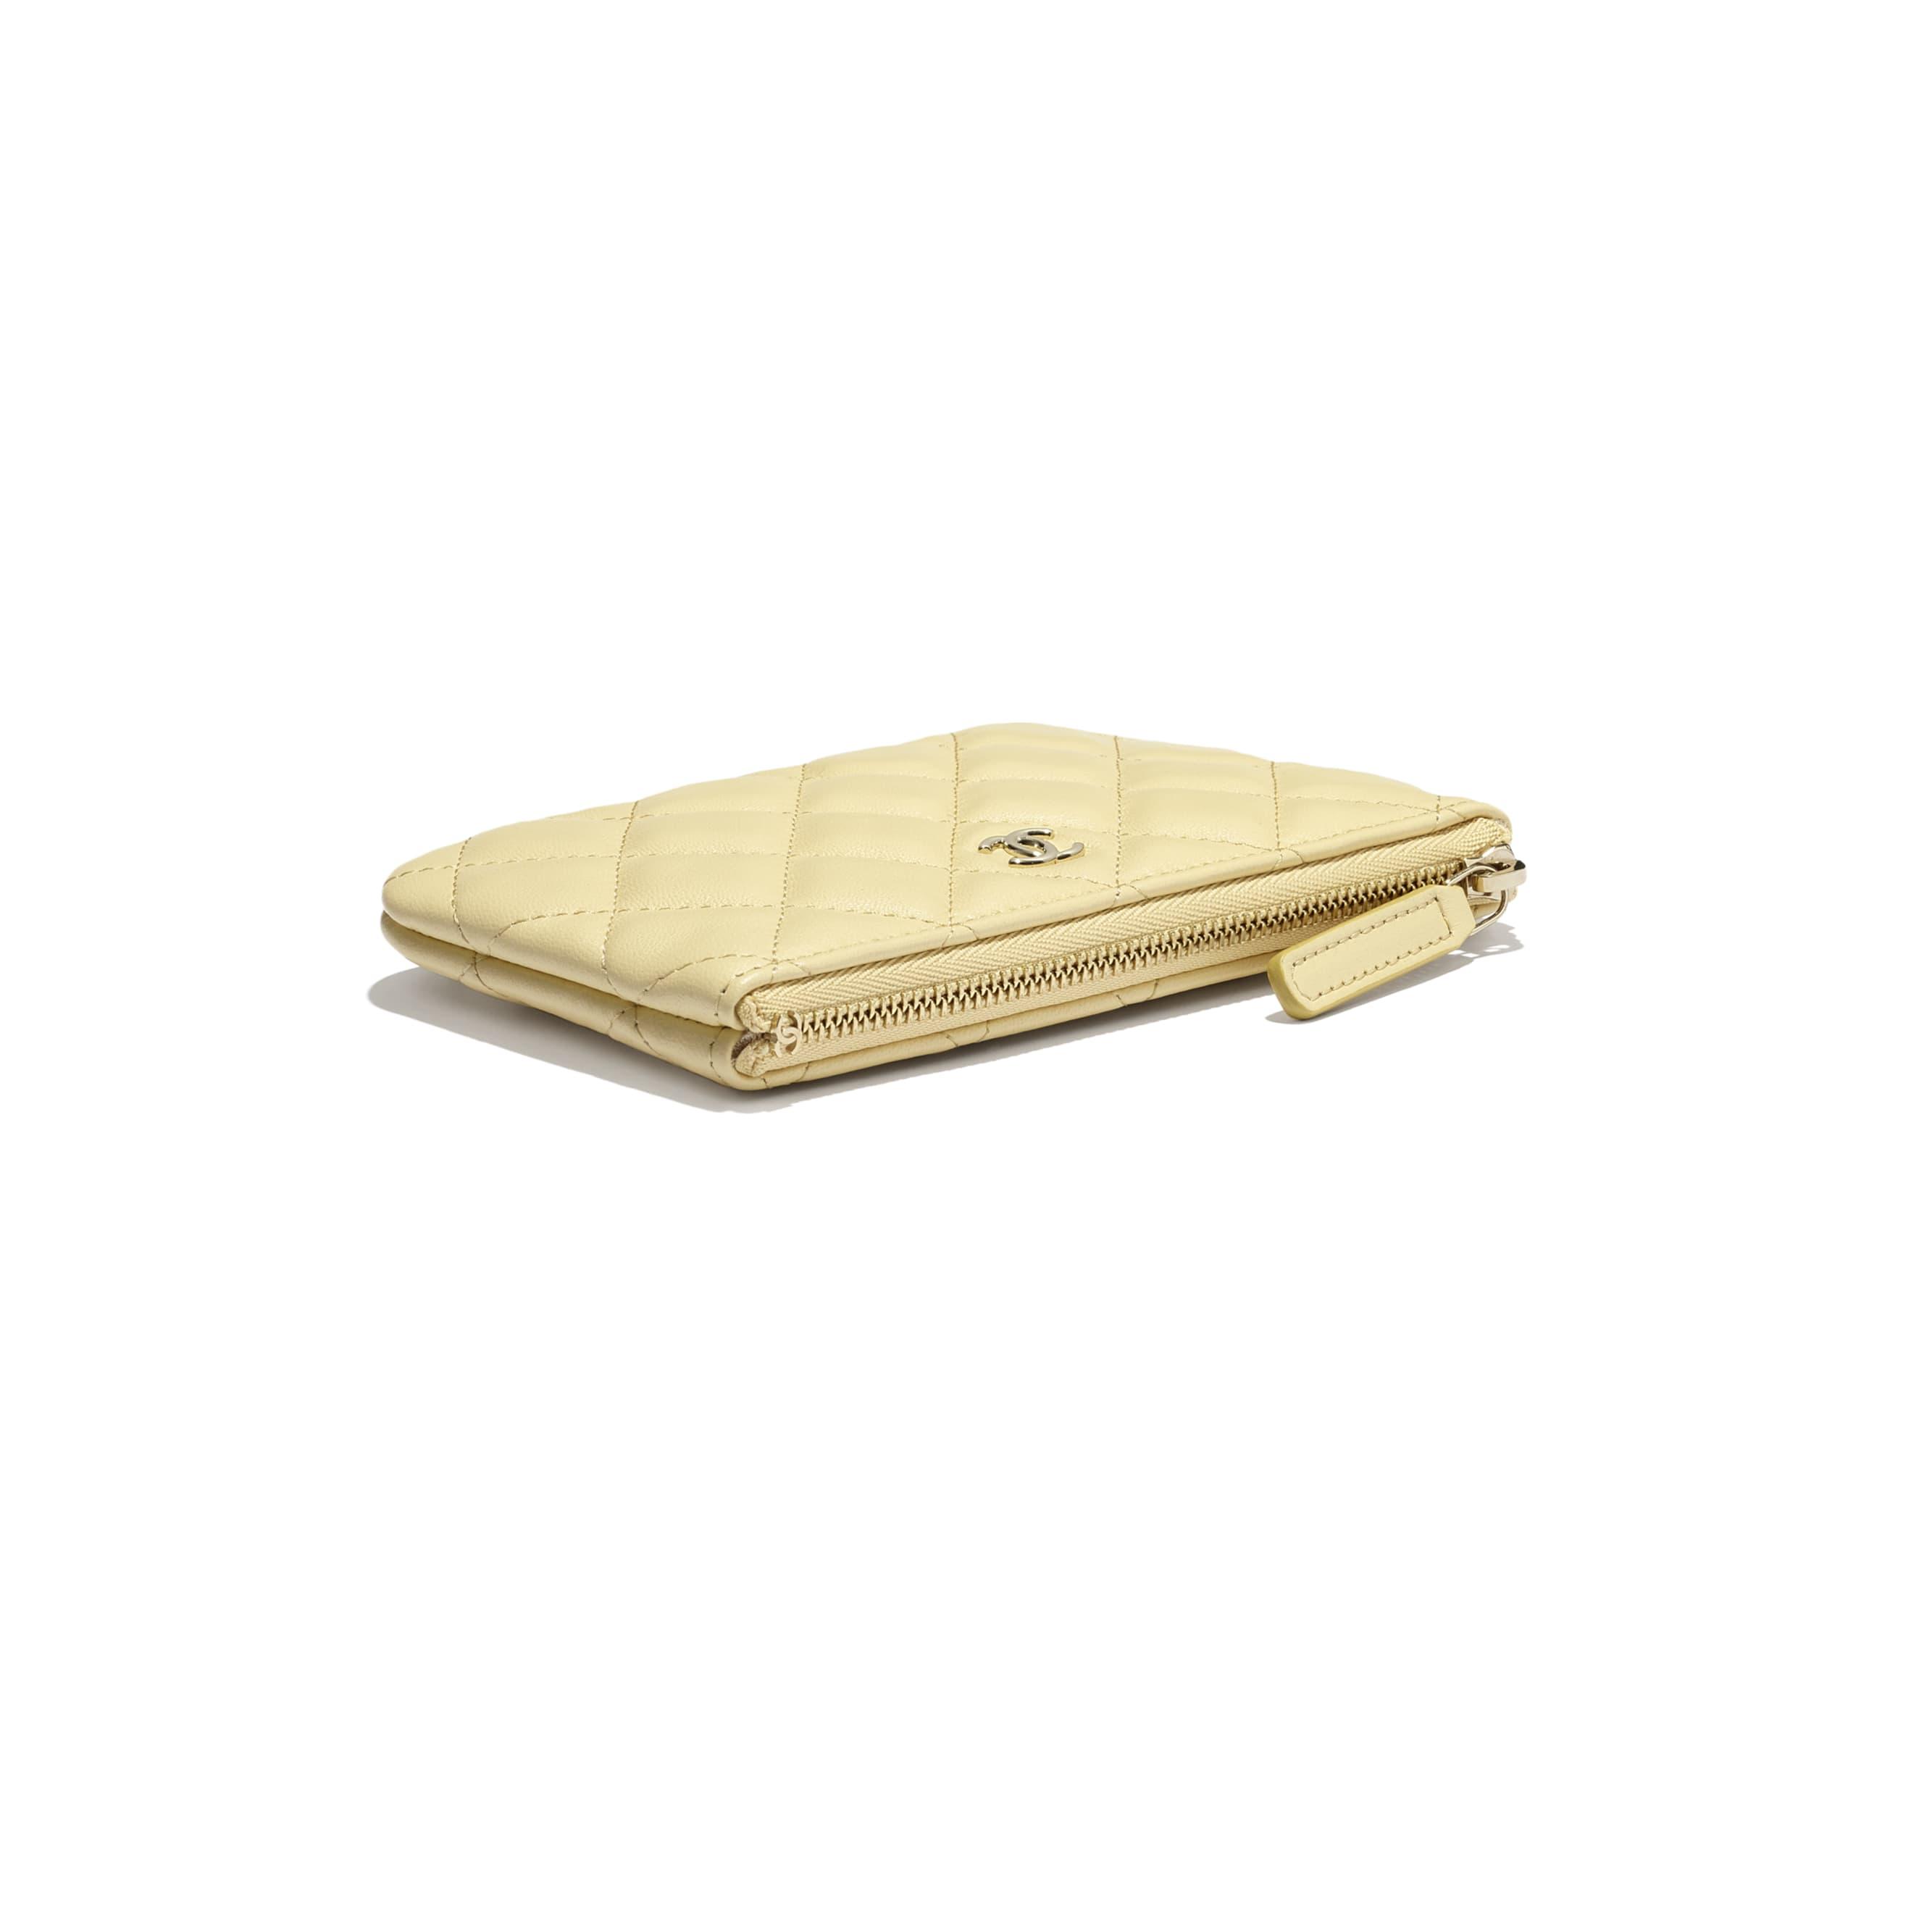 Классический чехол - Желтый - Кожа ягненка и золотистый металл - CHANEL - Дополнительное изображение - посмотреть изображение стандартного размера